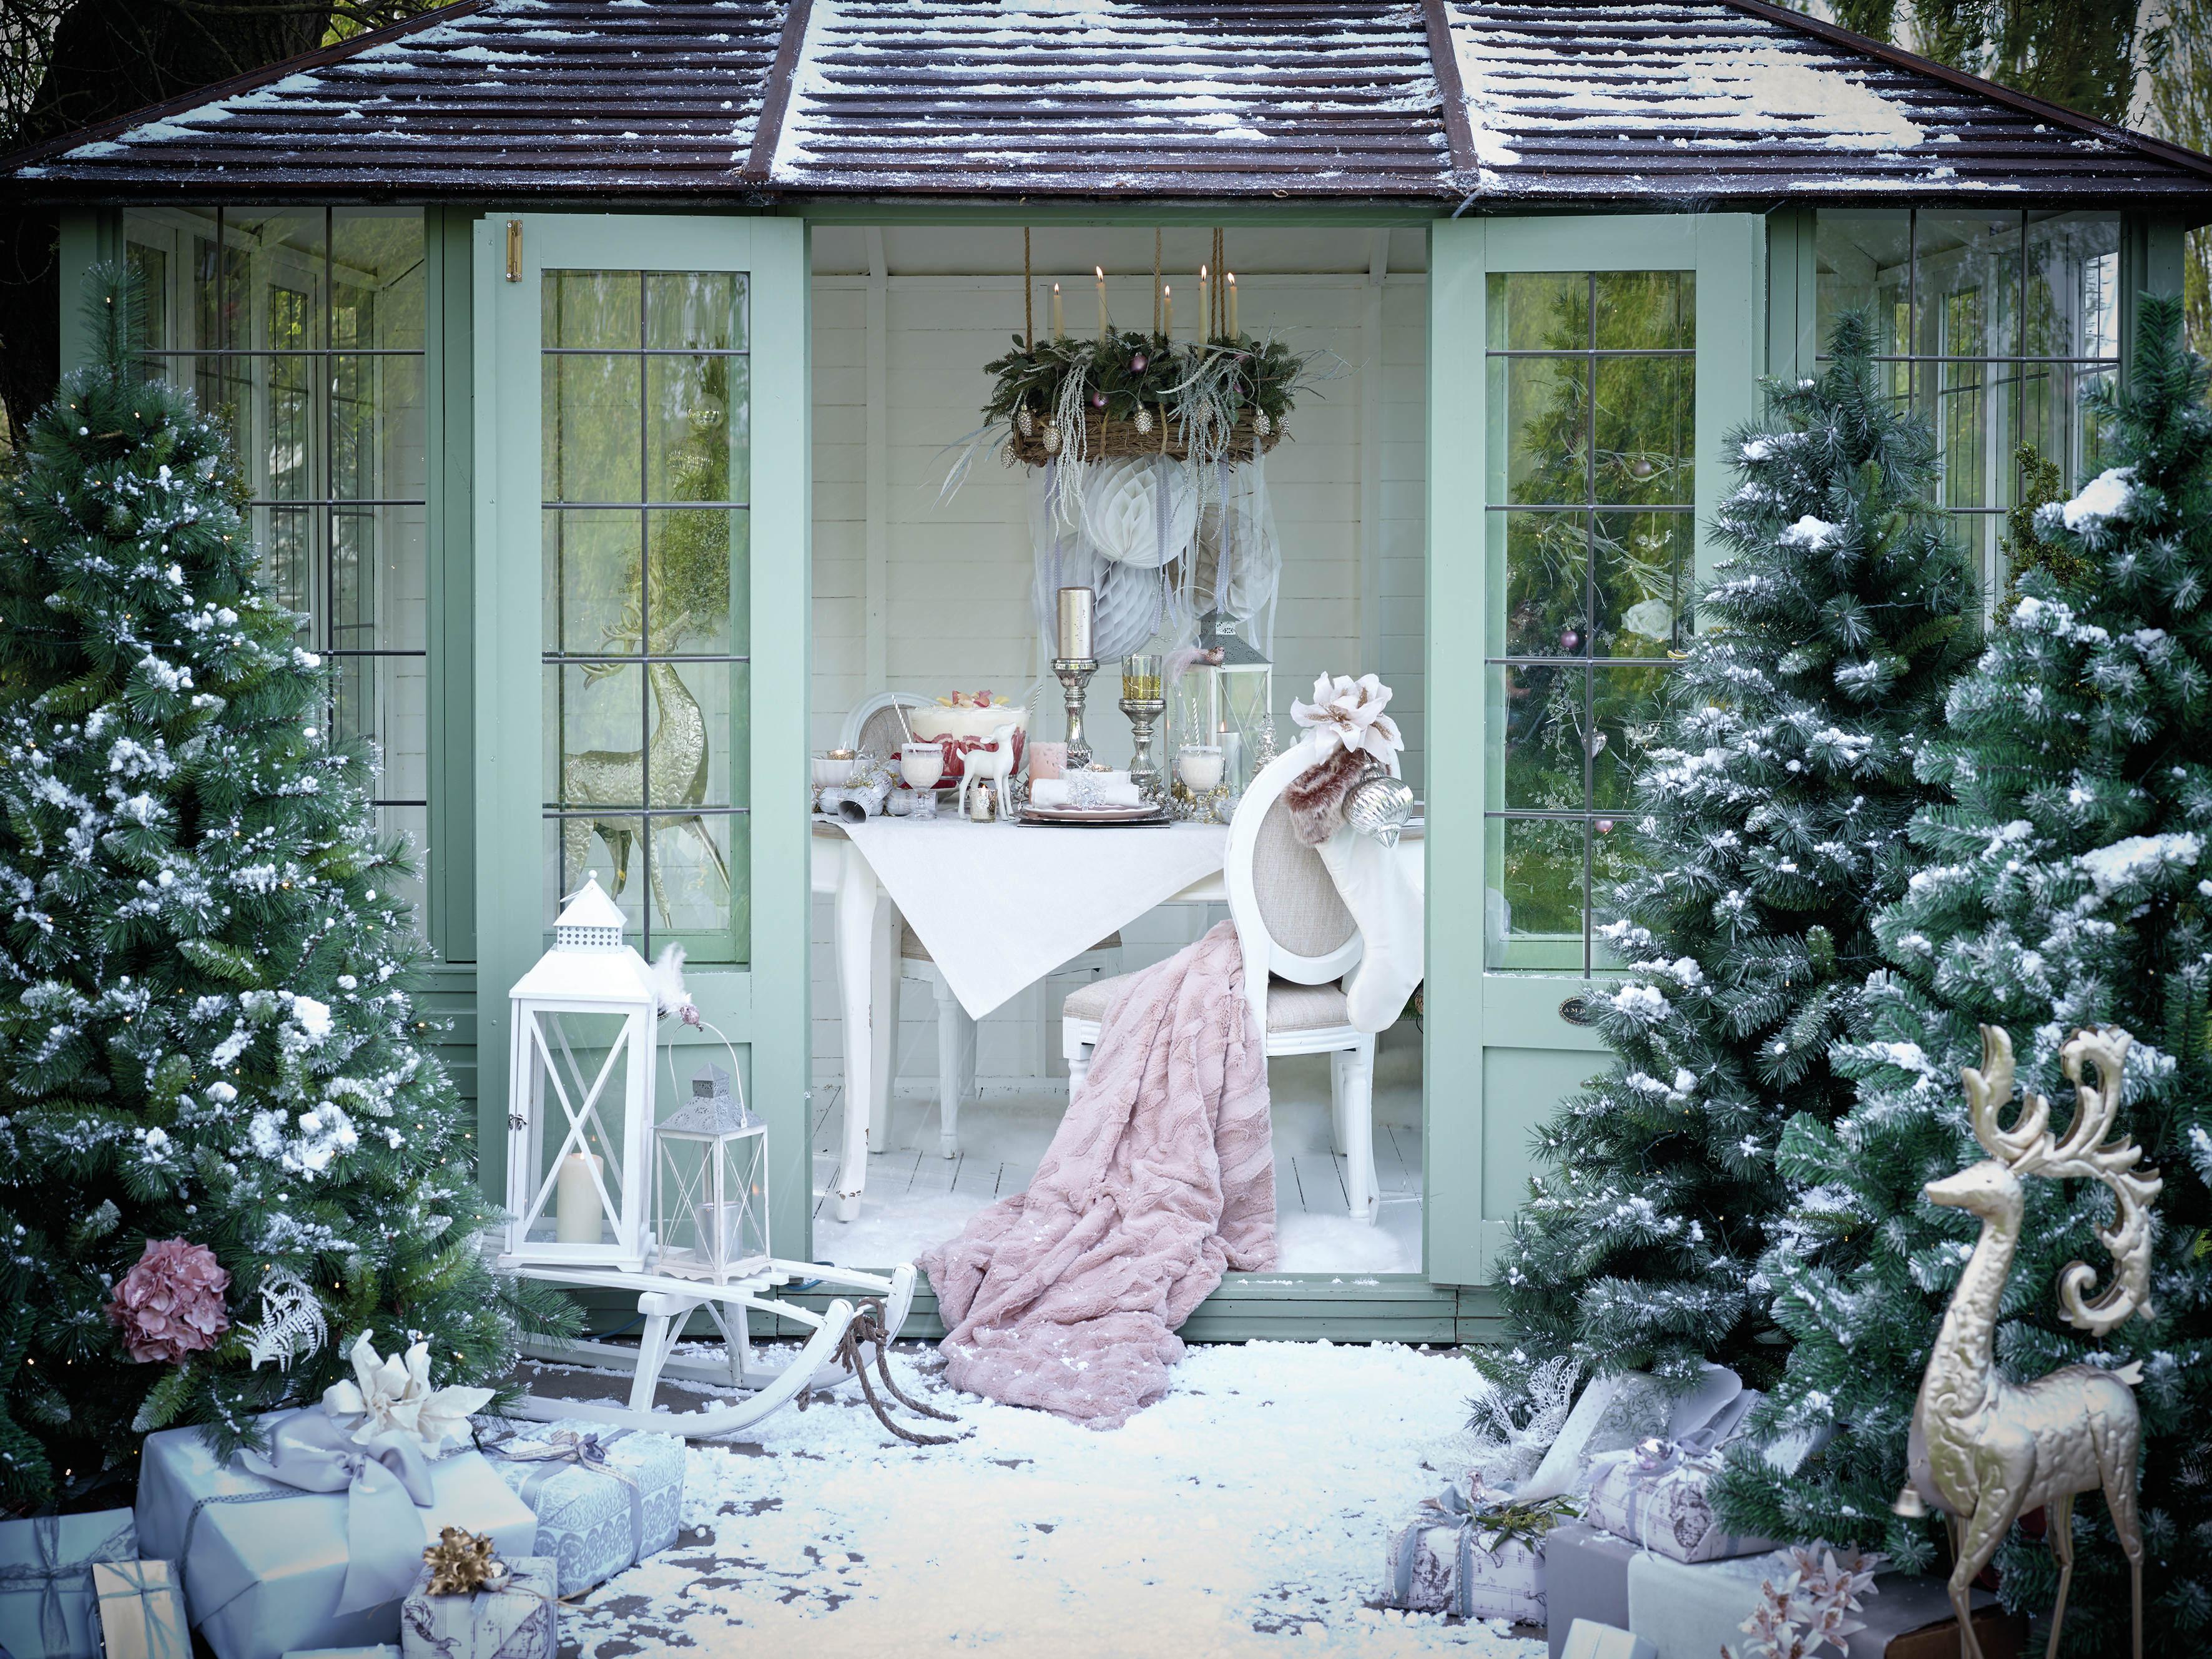 50 idee n voor kerstsfeer in iedere ruimte van je huis - Versier het huis ...